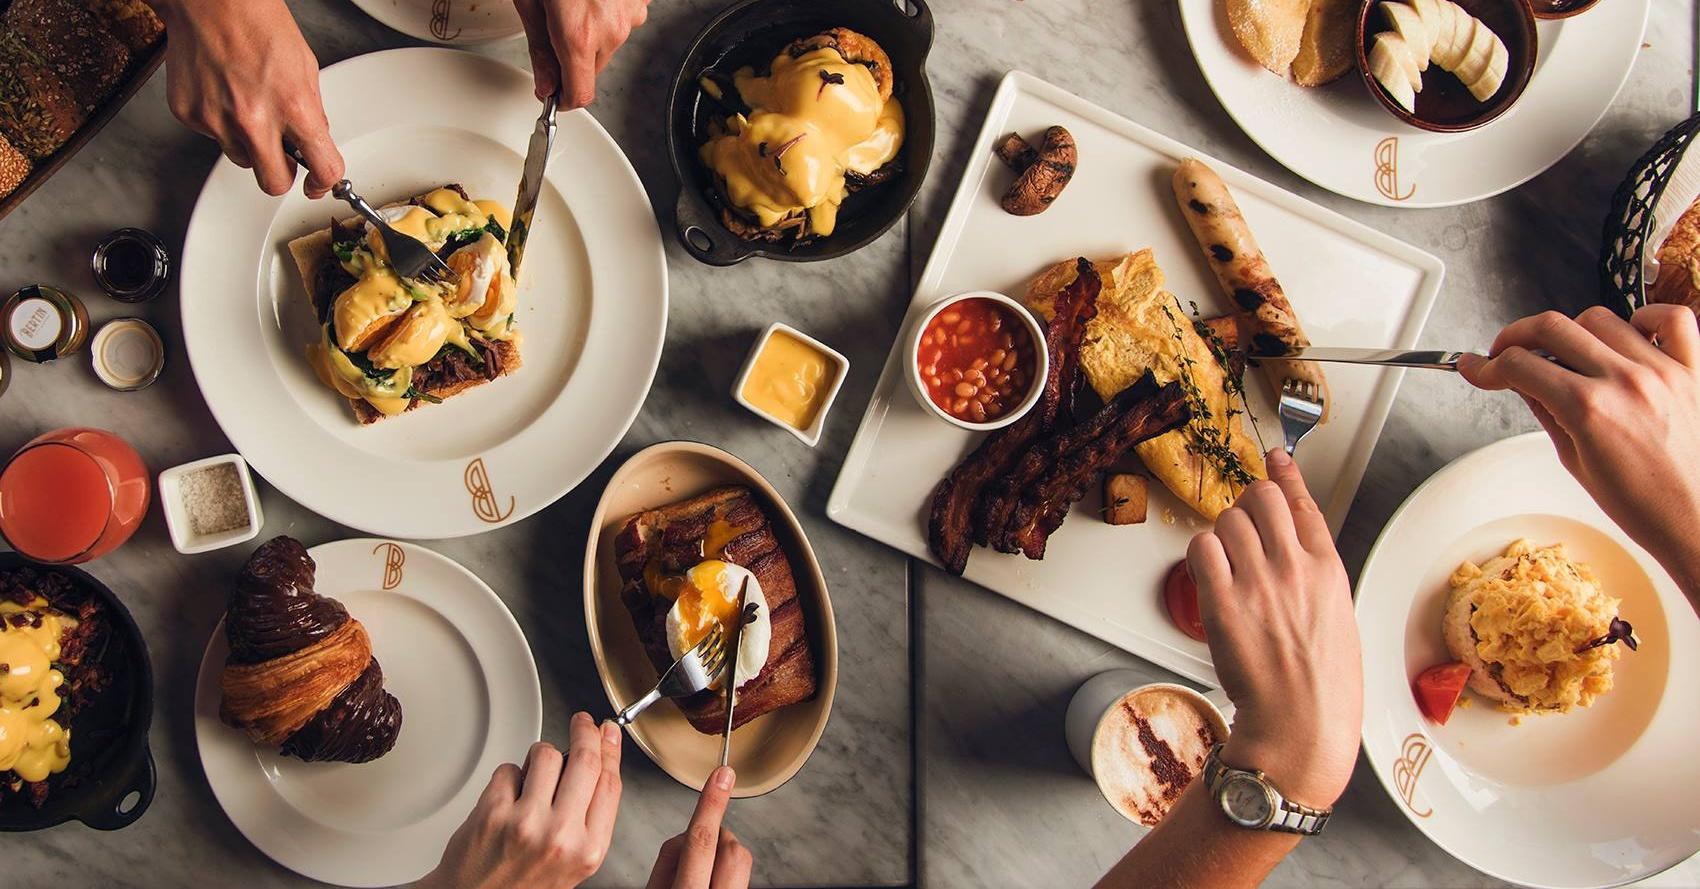 Bertin Bistro all-day breakfast in Dubai